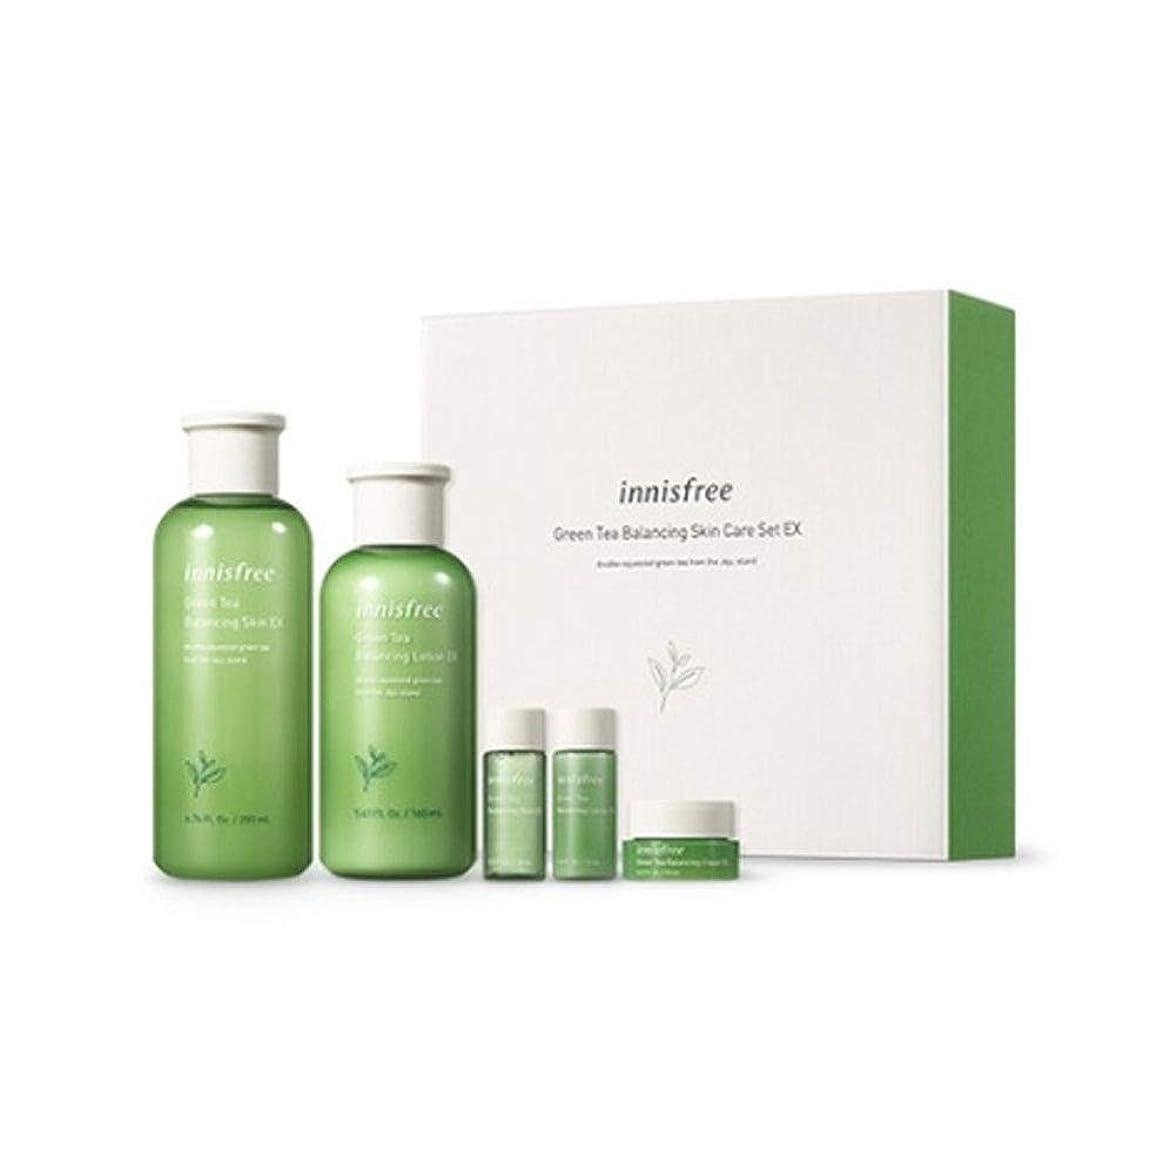 腹痛手紙を書く逆さまにイニスフリーグリーンティーバランシングスキンケアセットの水分ケア韓国コスメ、innisfree Green Tea Balancing Skin Care Set Korean Cosmetics [並行輸入品]